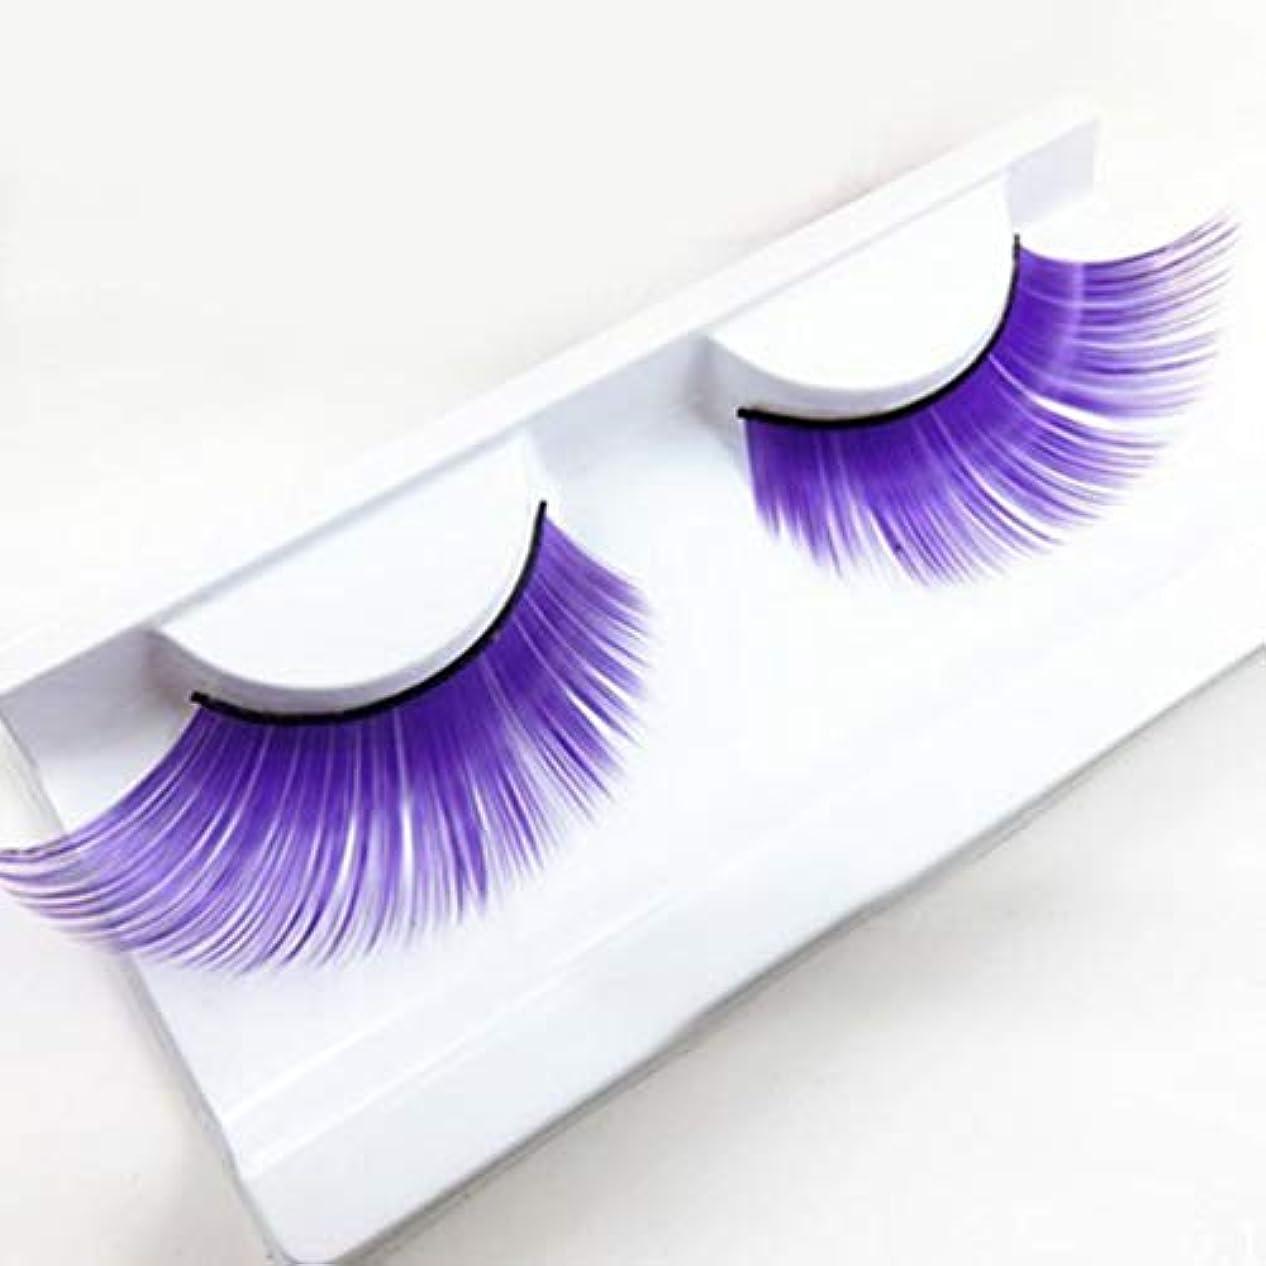 博物館なに収束する(ライチ) Lychee (ライチ) Lychee 2ペアはいり つけまつげ 紫色 色つき 濃密 誇張 欧米スタイル ふんわりロング 目尻が伸びる 手作り パーティー用 ステージメイク 長持ち